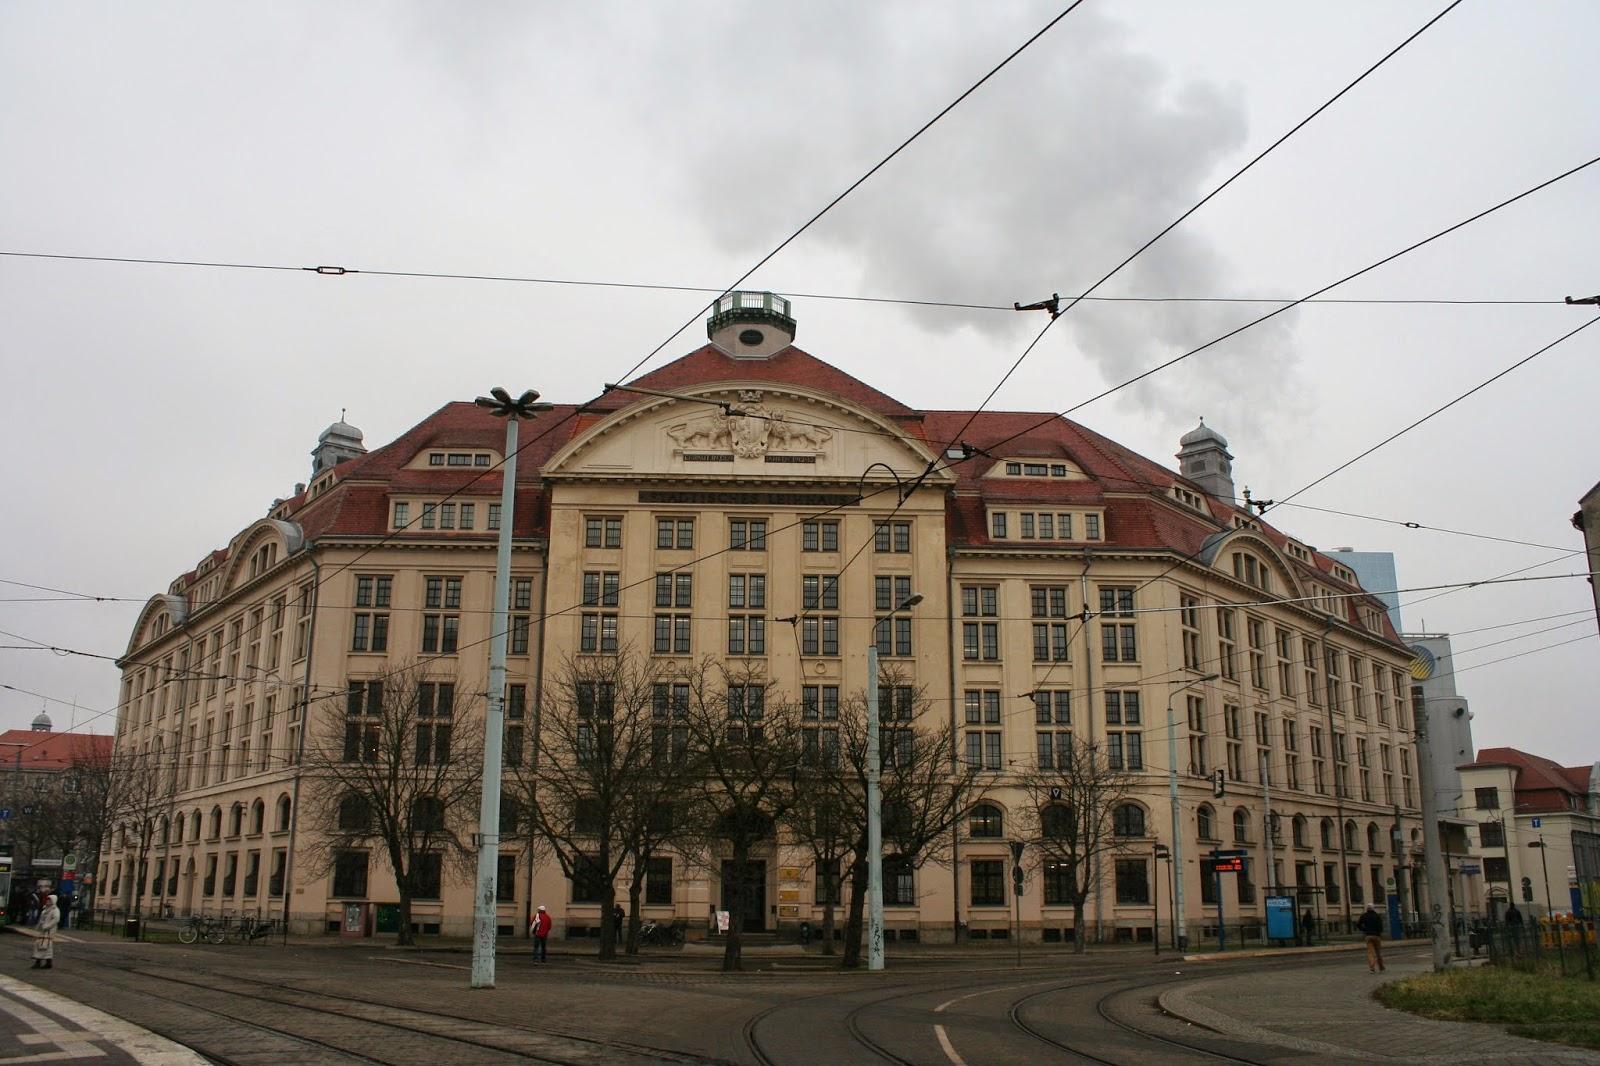 """Das Gebäude """"Städtisches Leihhaus"""" befindet sich am heutigen Wilhelm-Liebknecht-Platz (damaligen Yorkplatz) im Leipziger Stadtteil Gohlis und wurde von 1912 bis 1913 erbaut - aktuell ist das Finanzamt der Stadt darin beheimatet"""